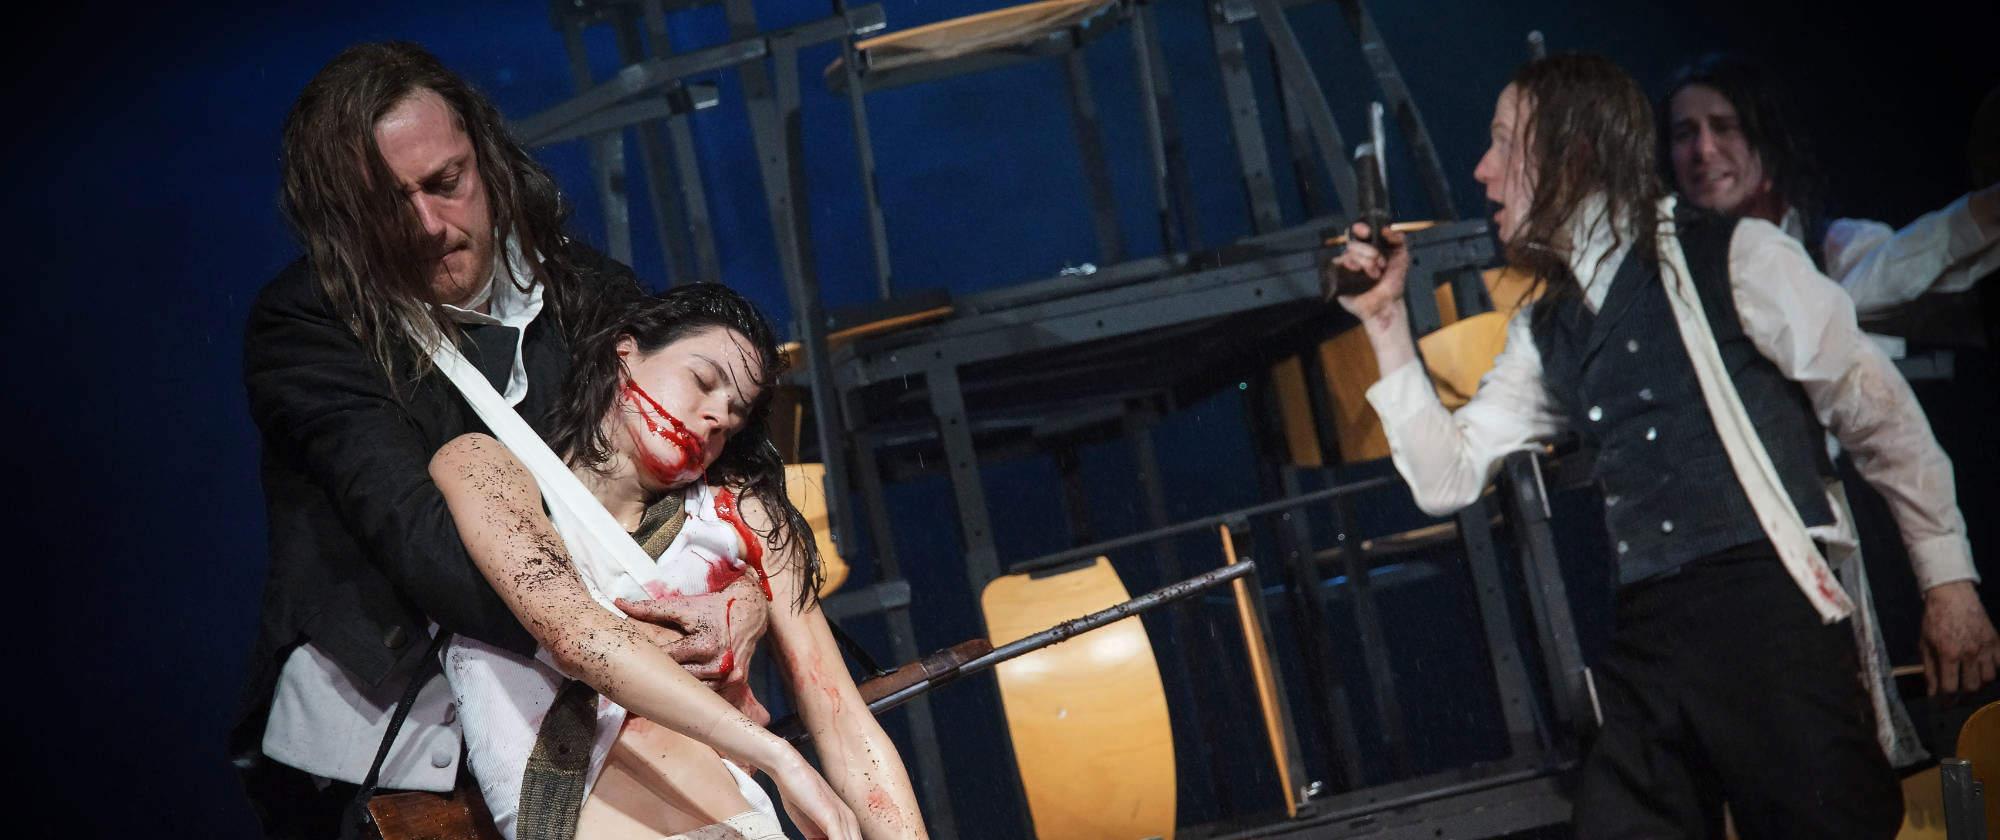 007-DIE-ELENDEN-nach-Victor-Hugo-Les-Miserables-von-Malte-Kreutzfeldt-Regie-c-photo-Olaf-Struck-Theater-Schauspielhaus-Kiel-2019